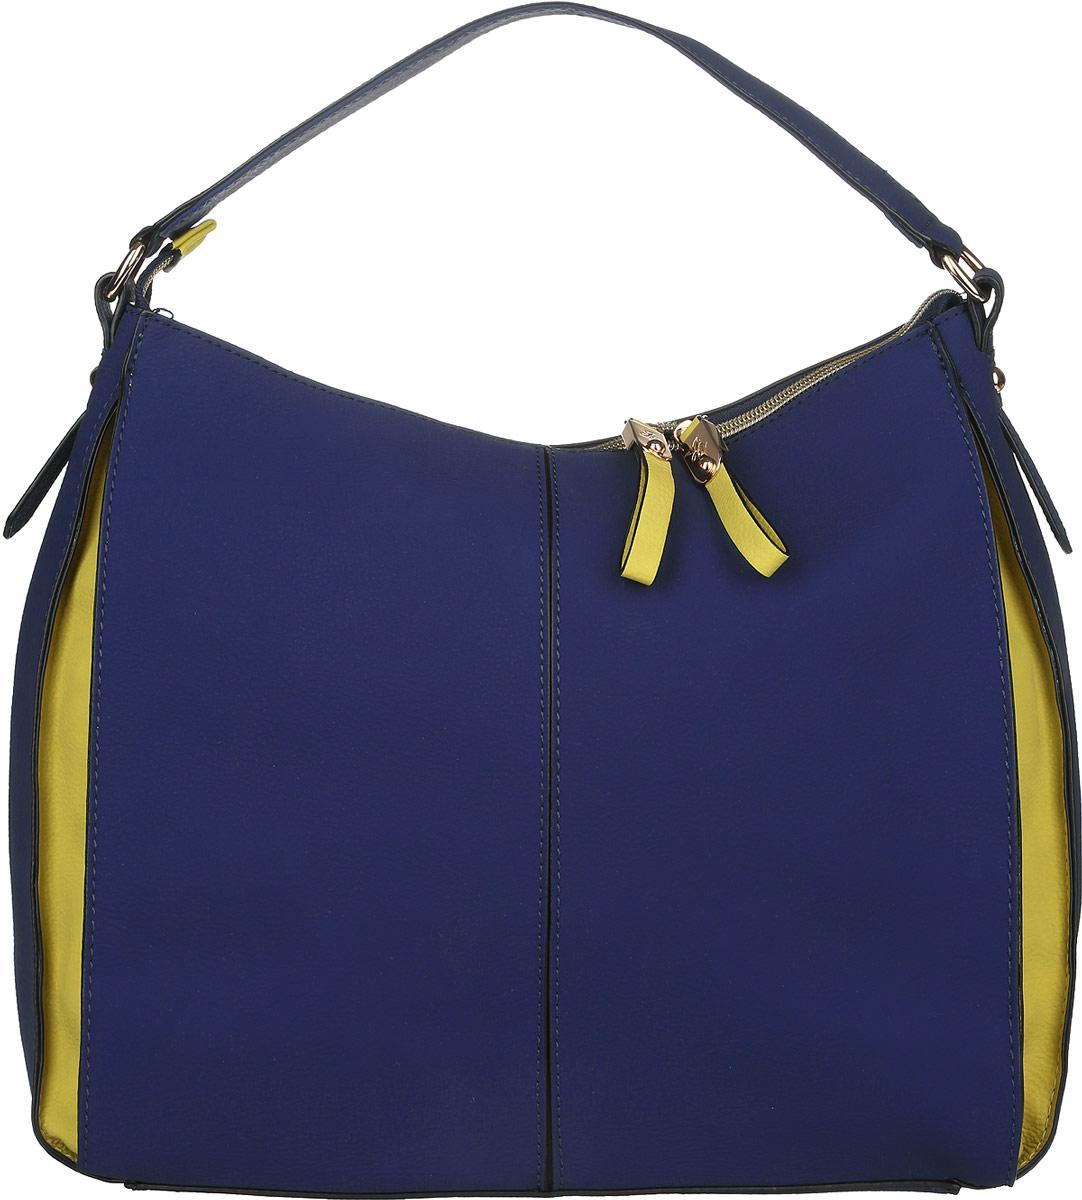 Сумка женская Jane Shilton, цвет: темно-синий, желтый. 20542054navyСтильная женская сумка Jane Shilton, выполненная из искусственной кожи, дополнена фирменным брелоком. Изделие имеет одно основное отделение, закрывающееся на застежку-молнию. Внутри находятся прорезной карман на застежке-молнии и накладной открытый карман. Снаружи, на задней стенке расположен прорезной карман на застежке-молнии. Модель оснащена одной удобной ручкой. Роскошная сумка внесет элегантные нотки в ваш образ и подчеркнет ваше отменное чувство стиля.